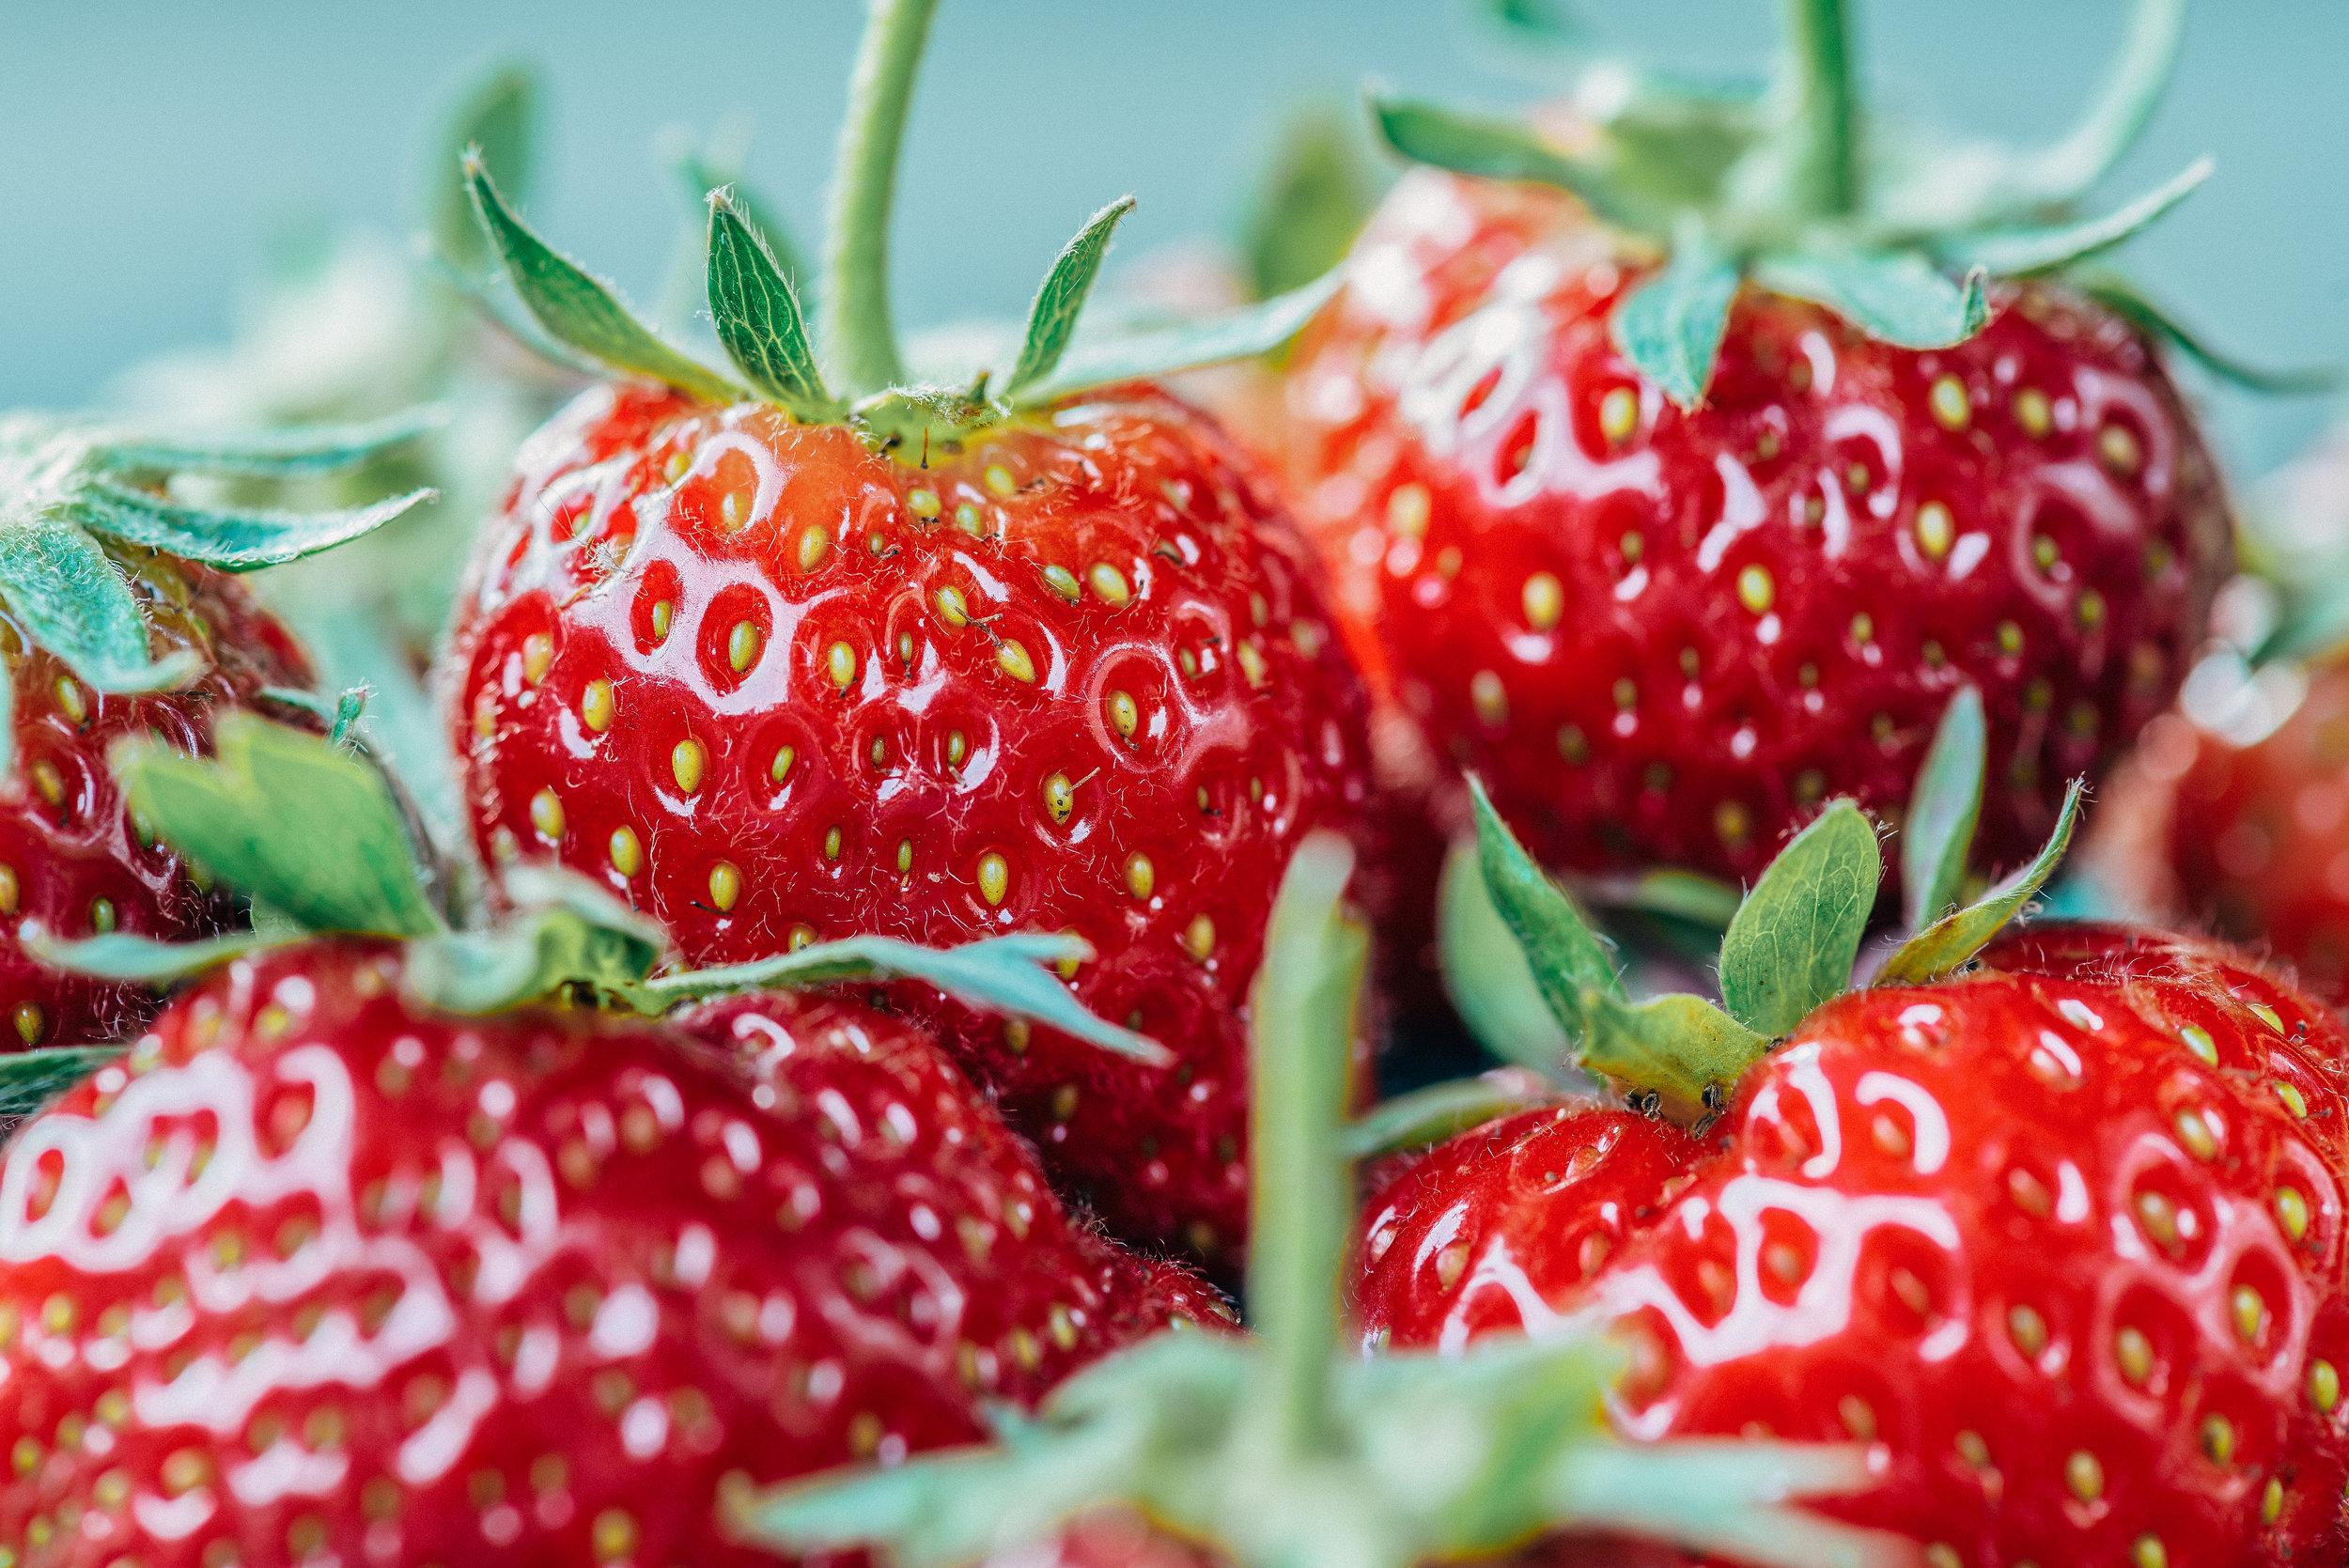 strawberry-Erdbeere-fruit-Obst-Früchte-Summer